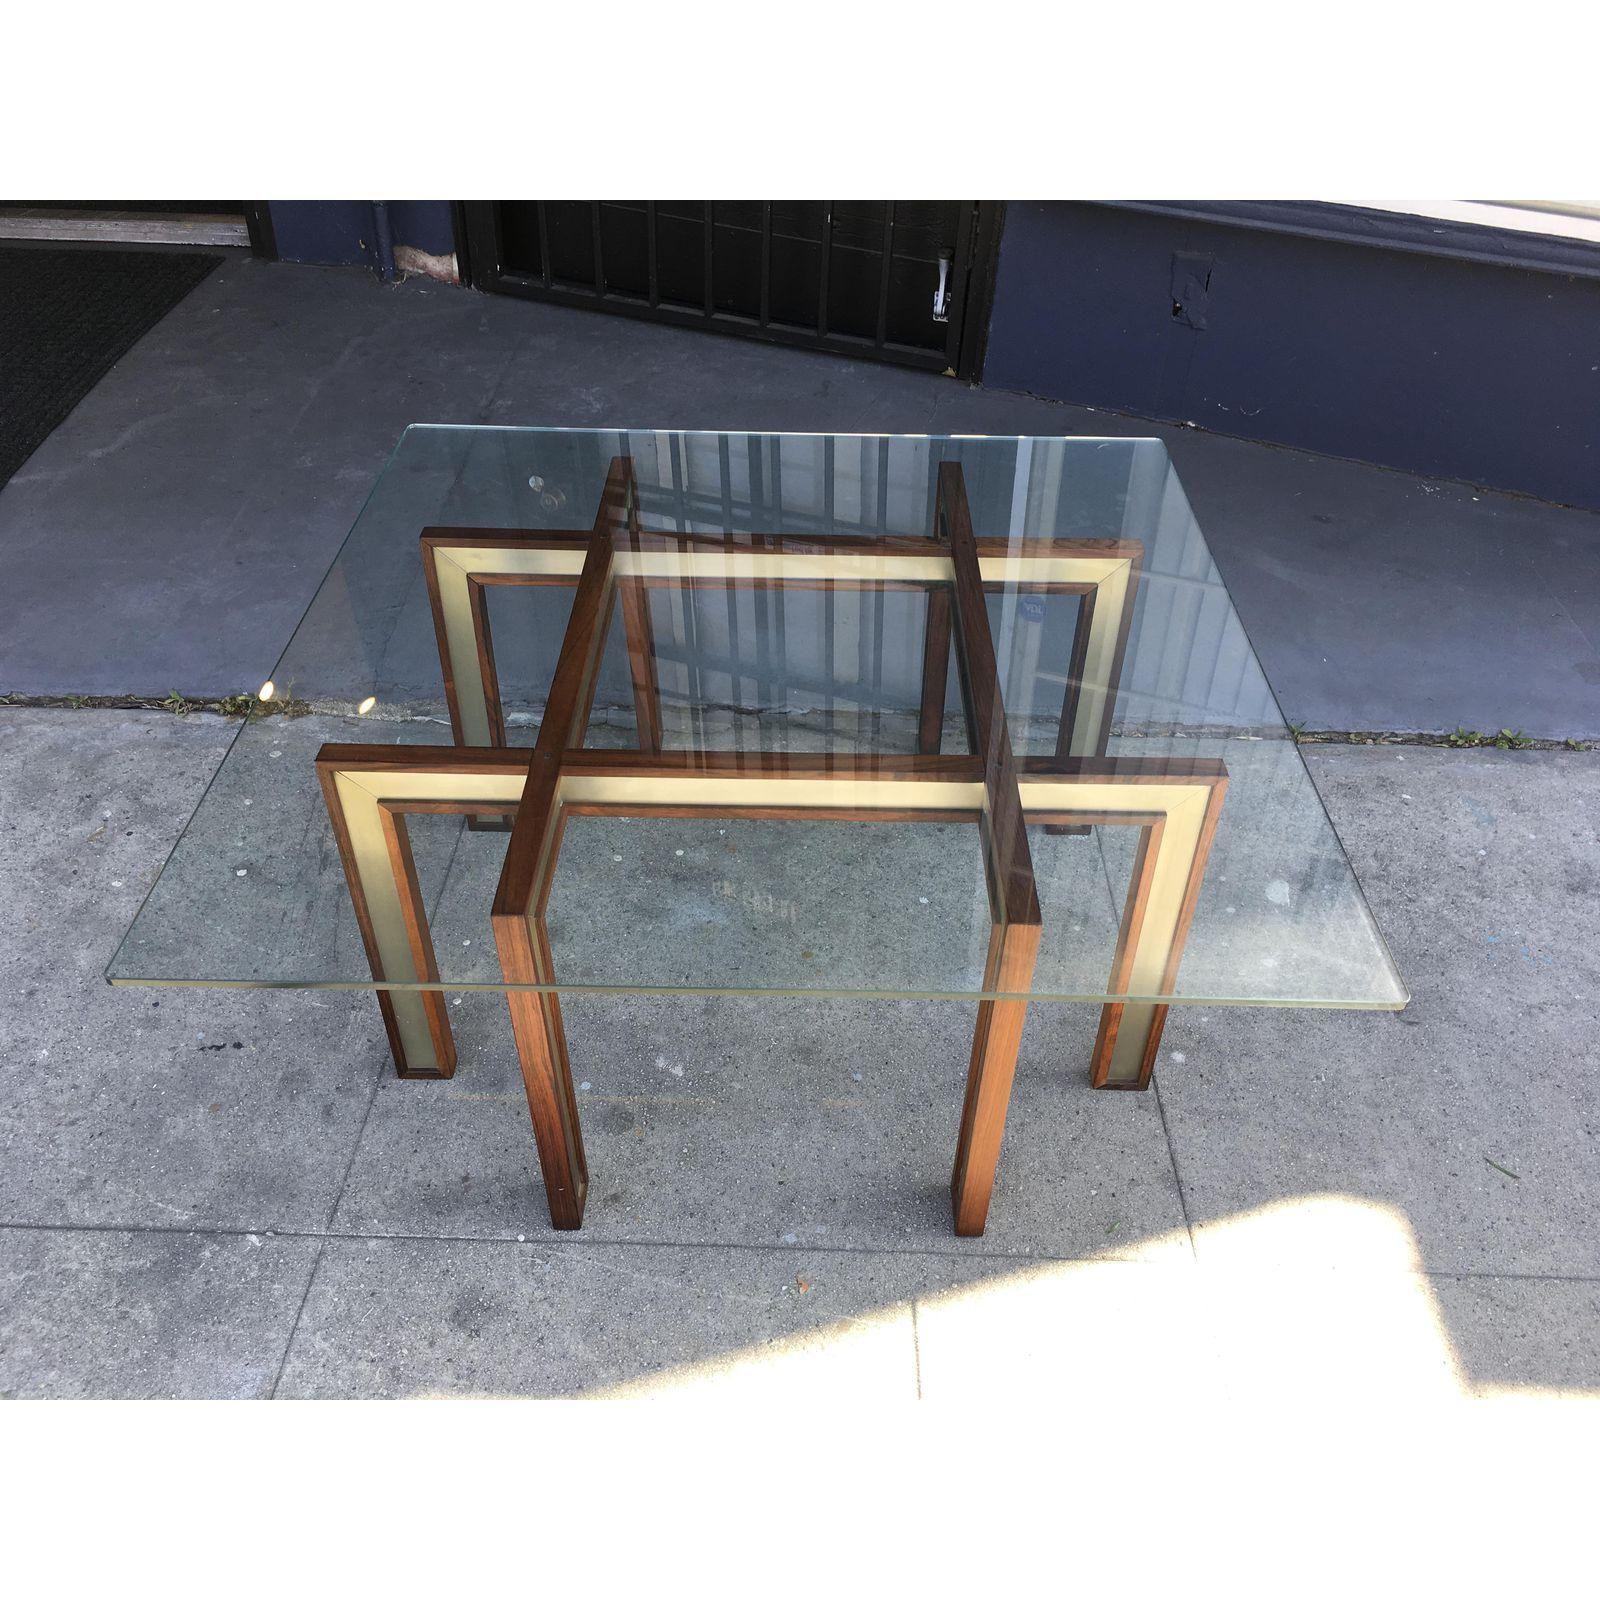 Henning Korch Rosewood Aluminum Glass Top Coffee Table Image 3 Of 9 Coffee Table Coffee Table Images Glass Top Coffee Table [ 1600 x 1600 Pixel ]